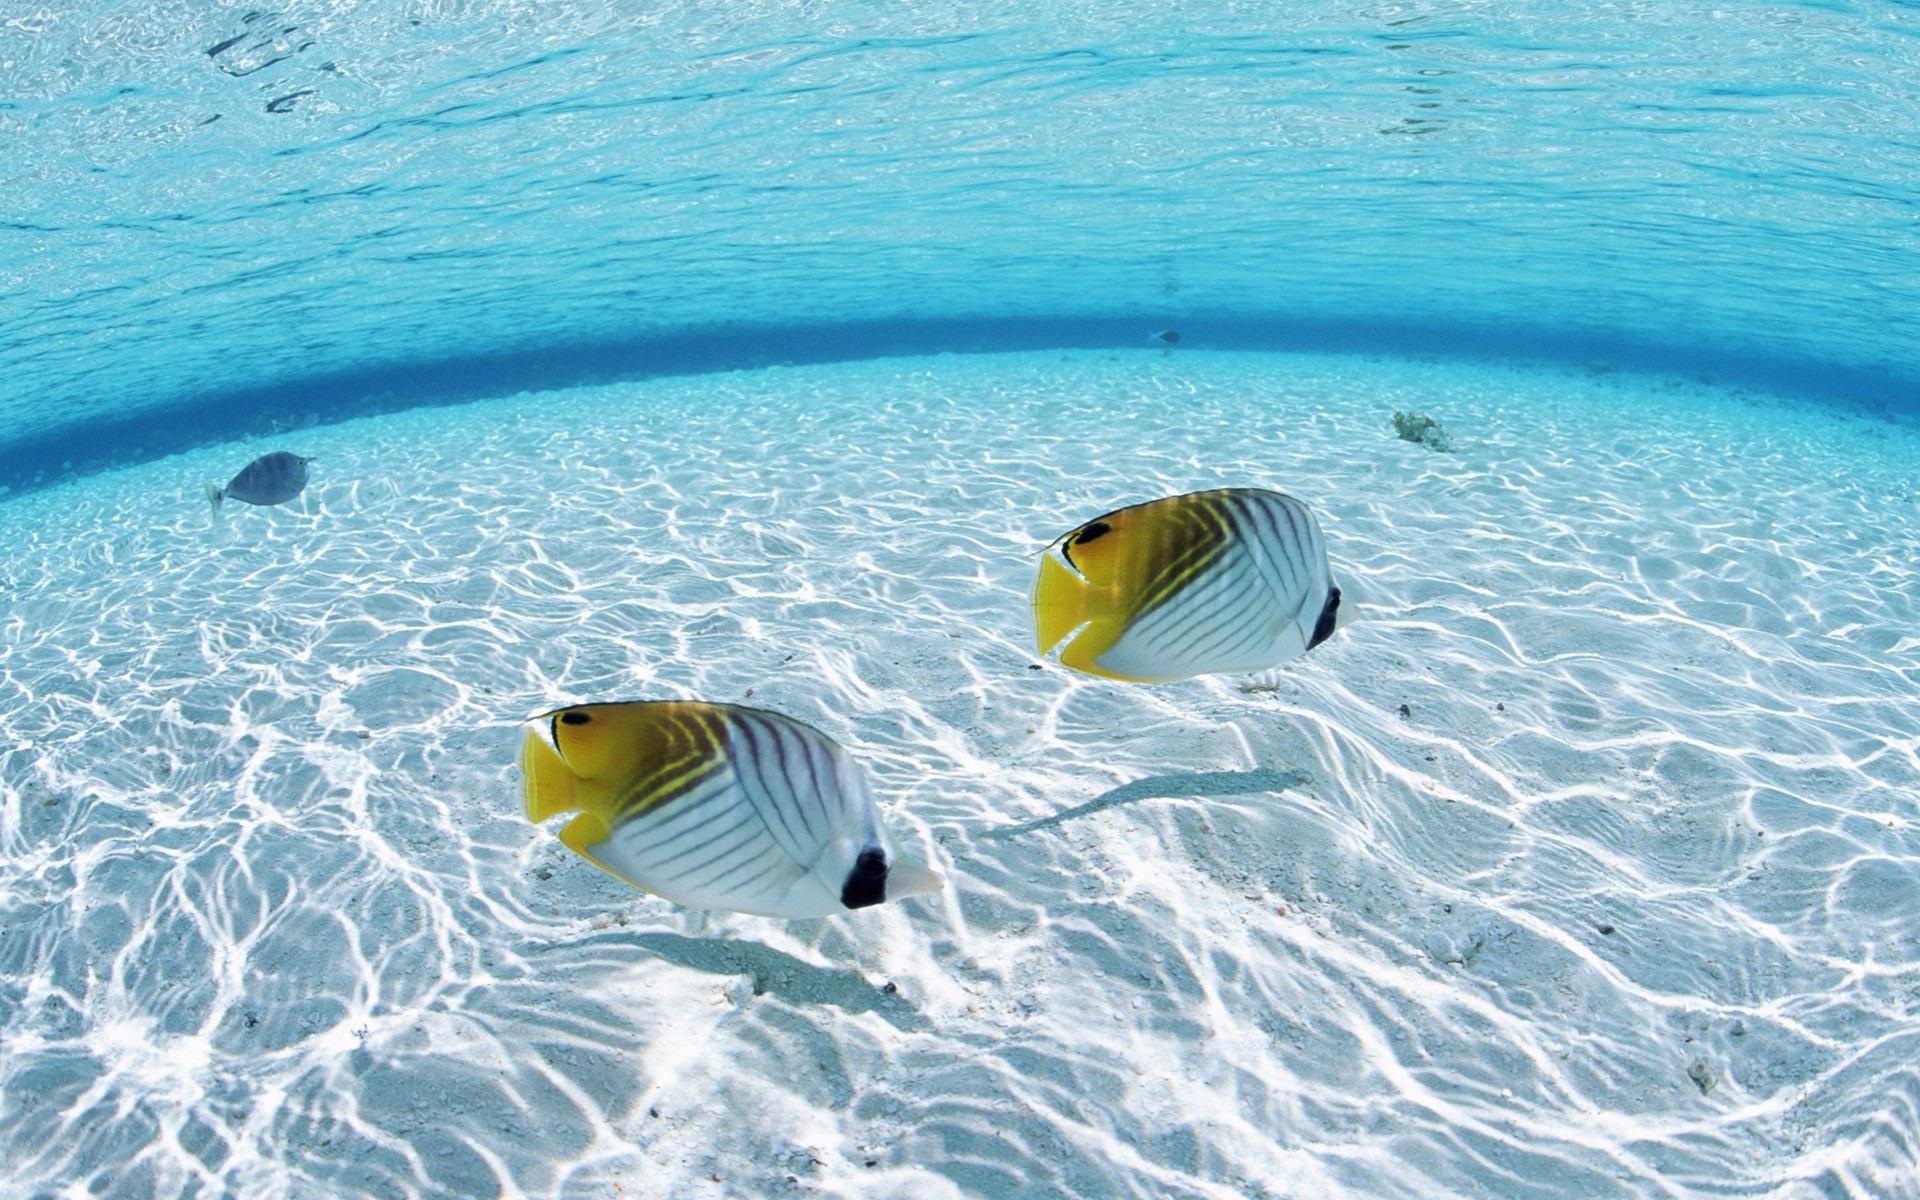 Download Fish In The Ocean Wallpaper Full HD Wallpapers 1920x1200